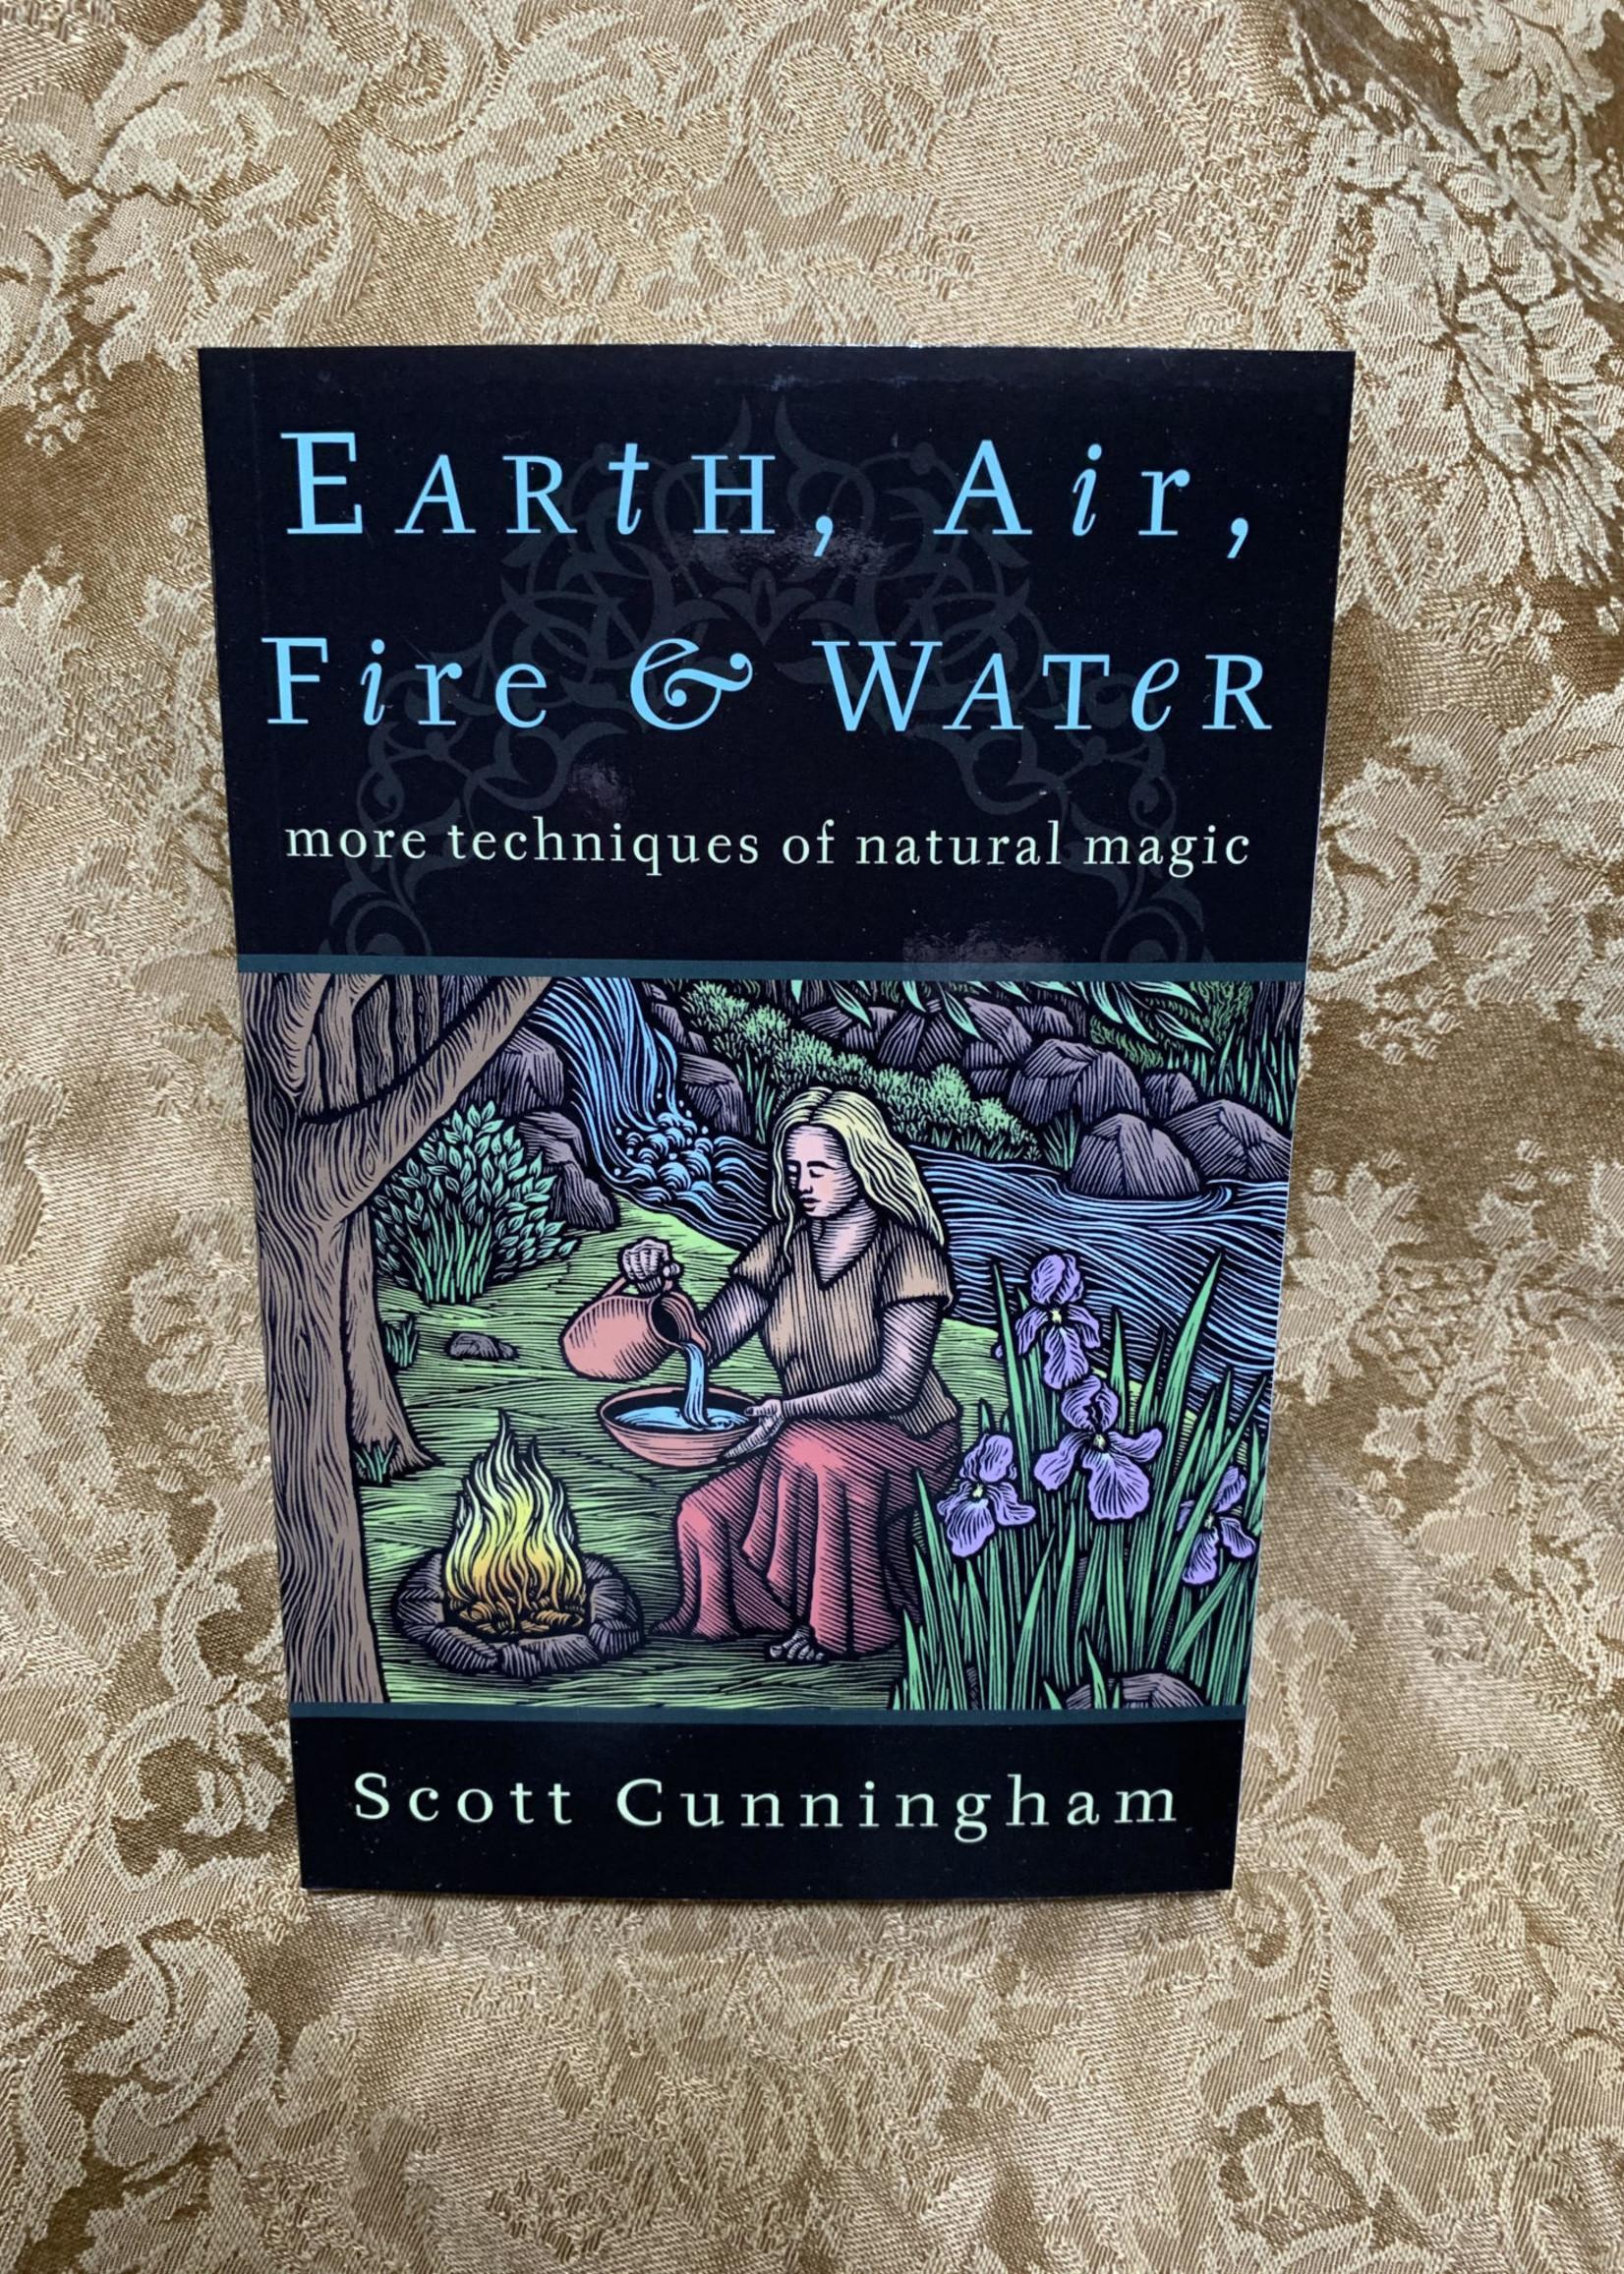 Earth, Air, Fire & Water - Scott Cunningham